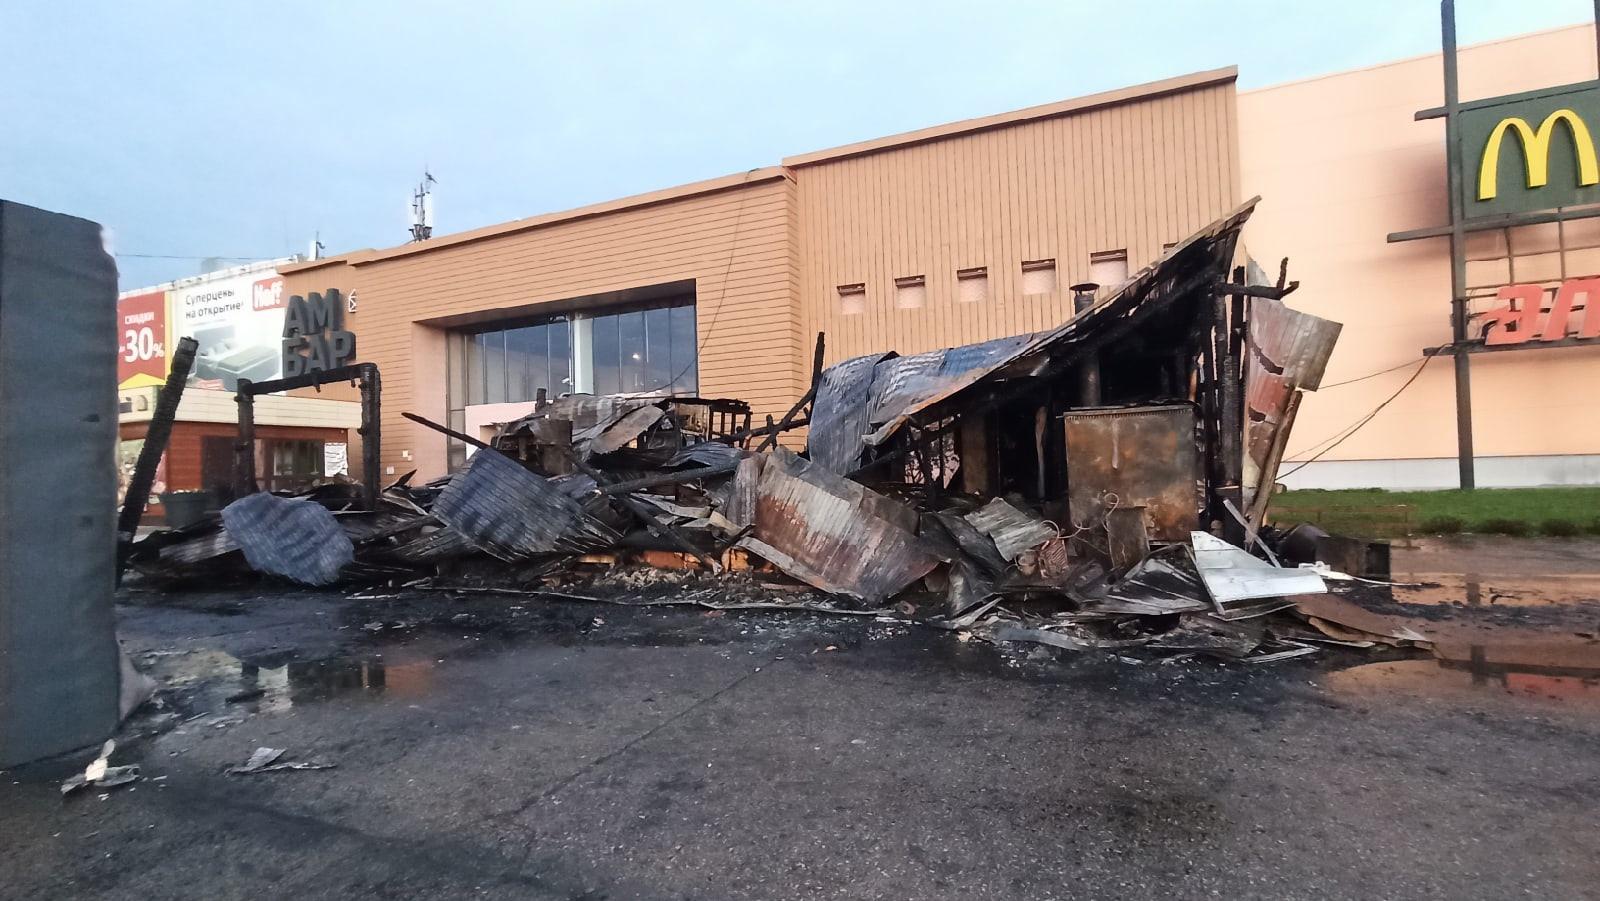 Сгорели до тла: ночью 26 сентября у ТЦ Амбар произошел пожар